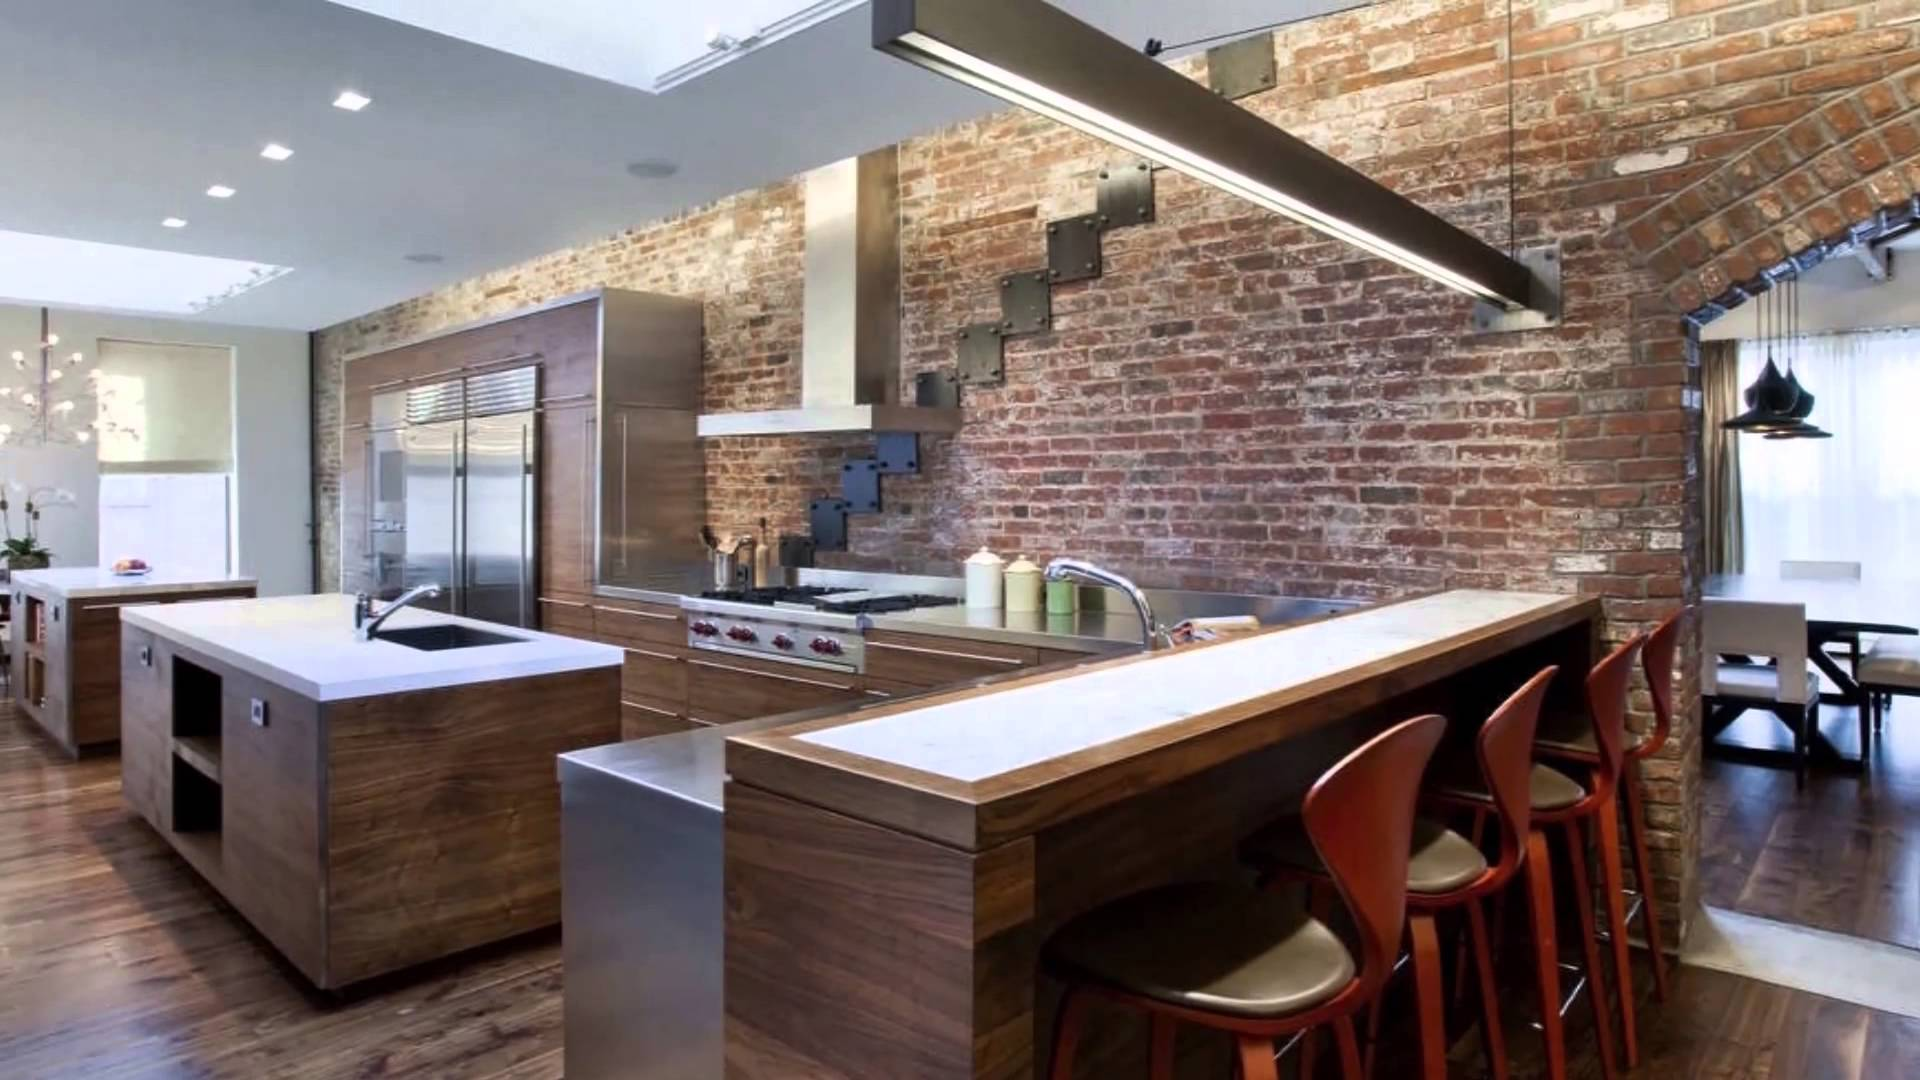 Кухня в стиле лофт: фото современного интерьера в квартире, дизайн с кирпичом, стол и стулья в столовую, зонирование диваном, шторы и люстры, барная стойка